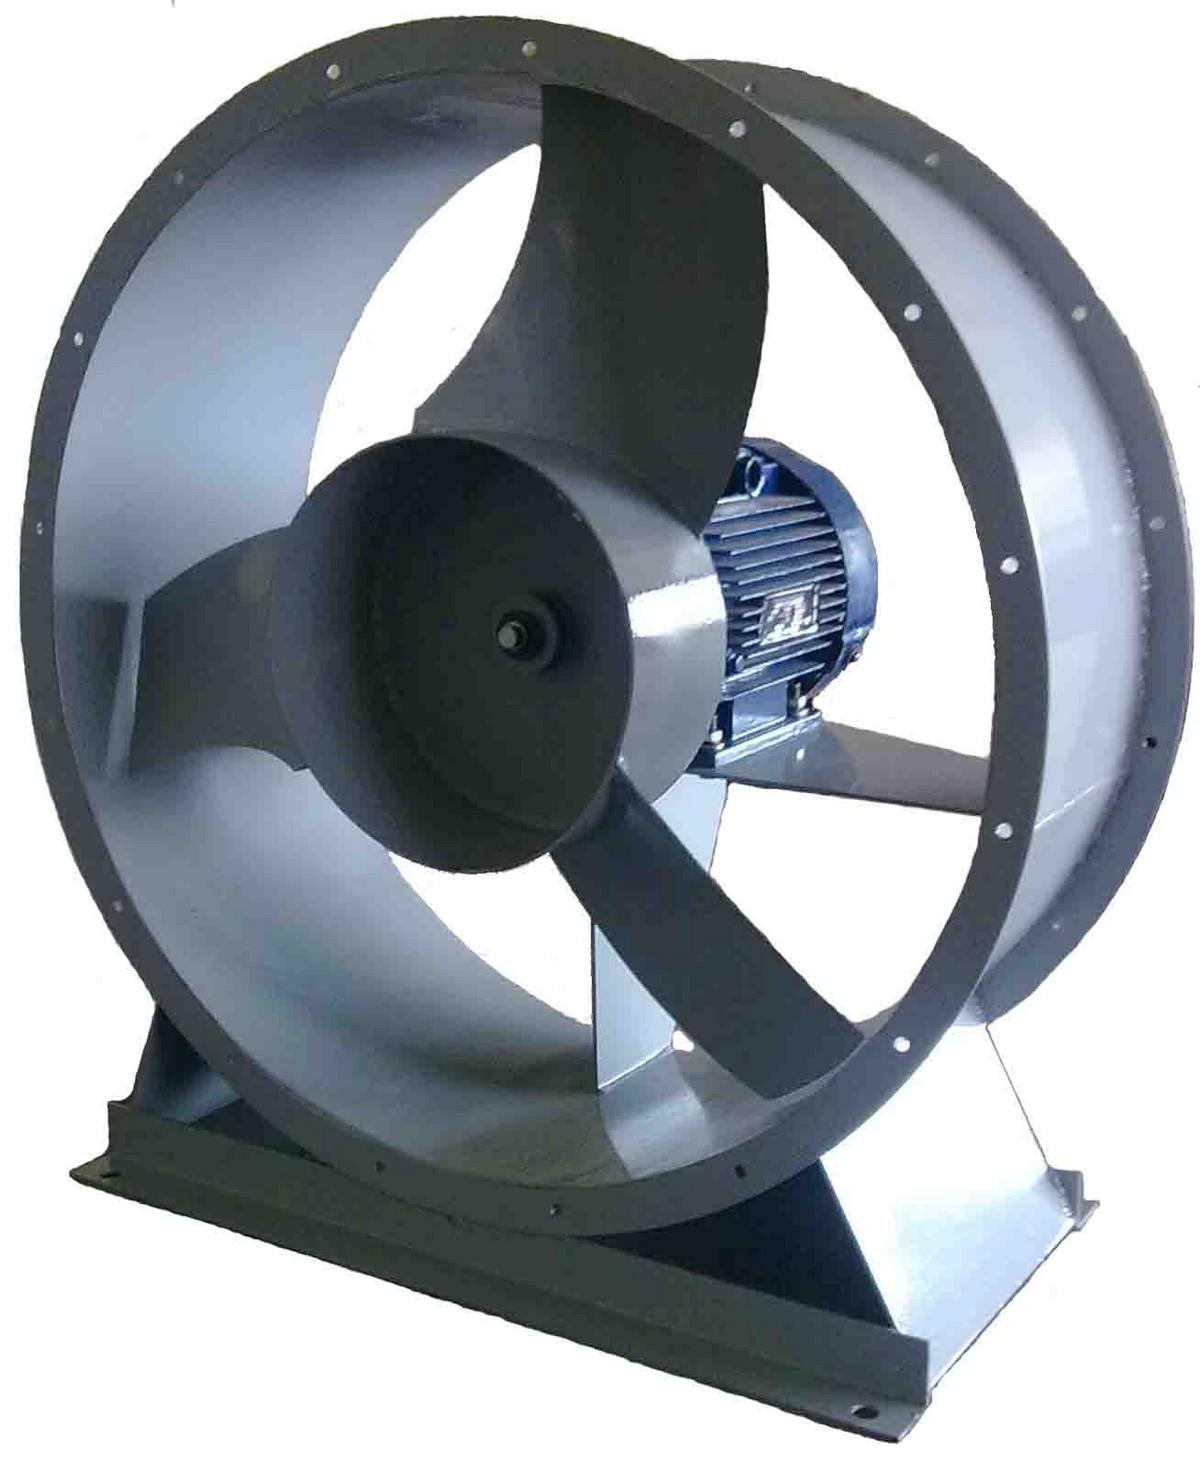 promyshlennyj-ventilyator-dlya-vytyazhki_00002